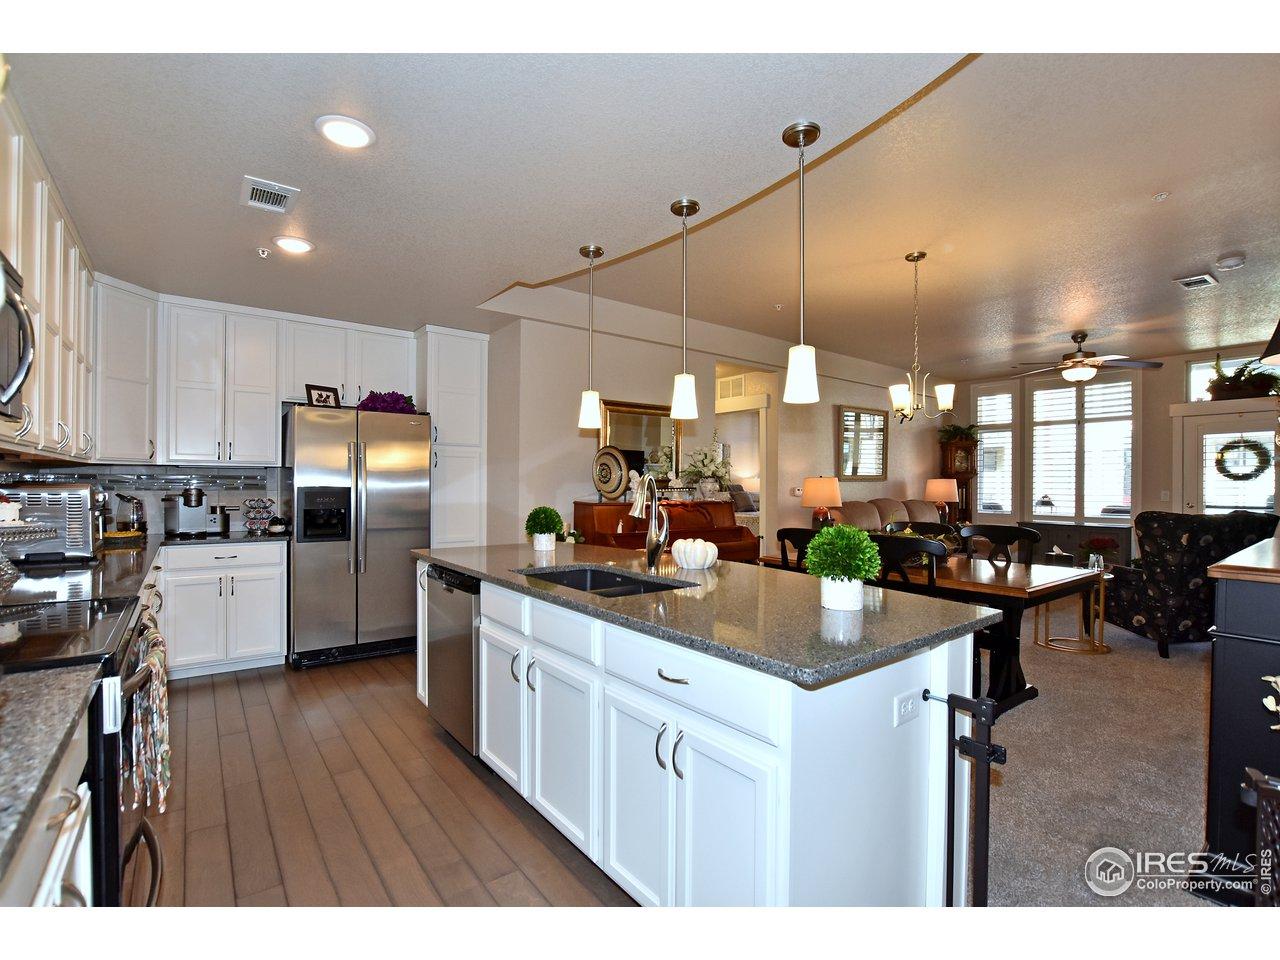 Stunning kitchen and spacious on this Landmark built Harvard floorplan.